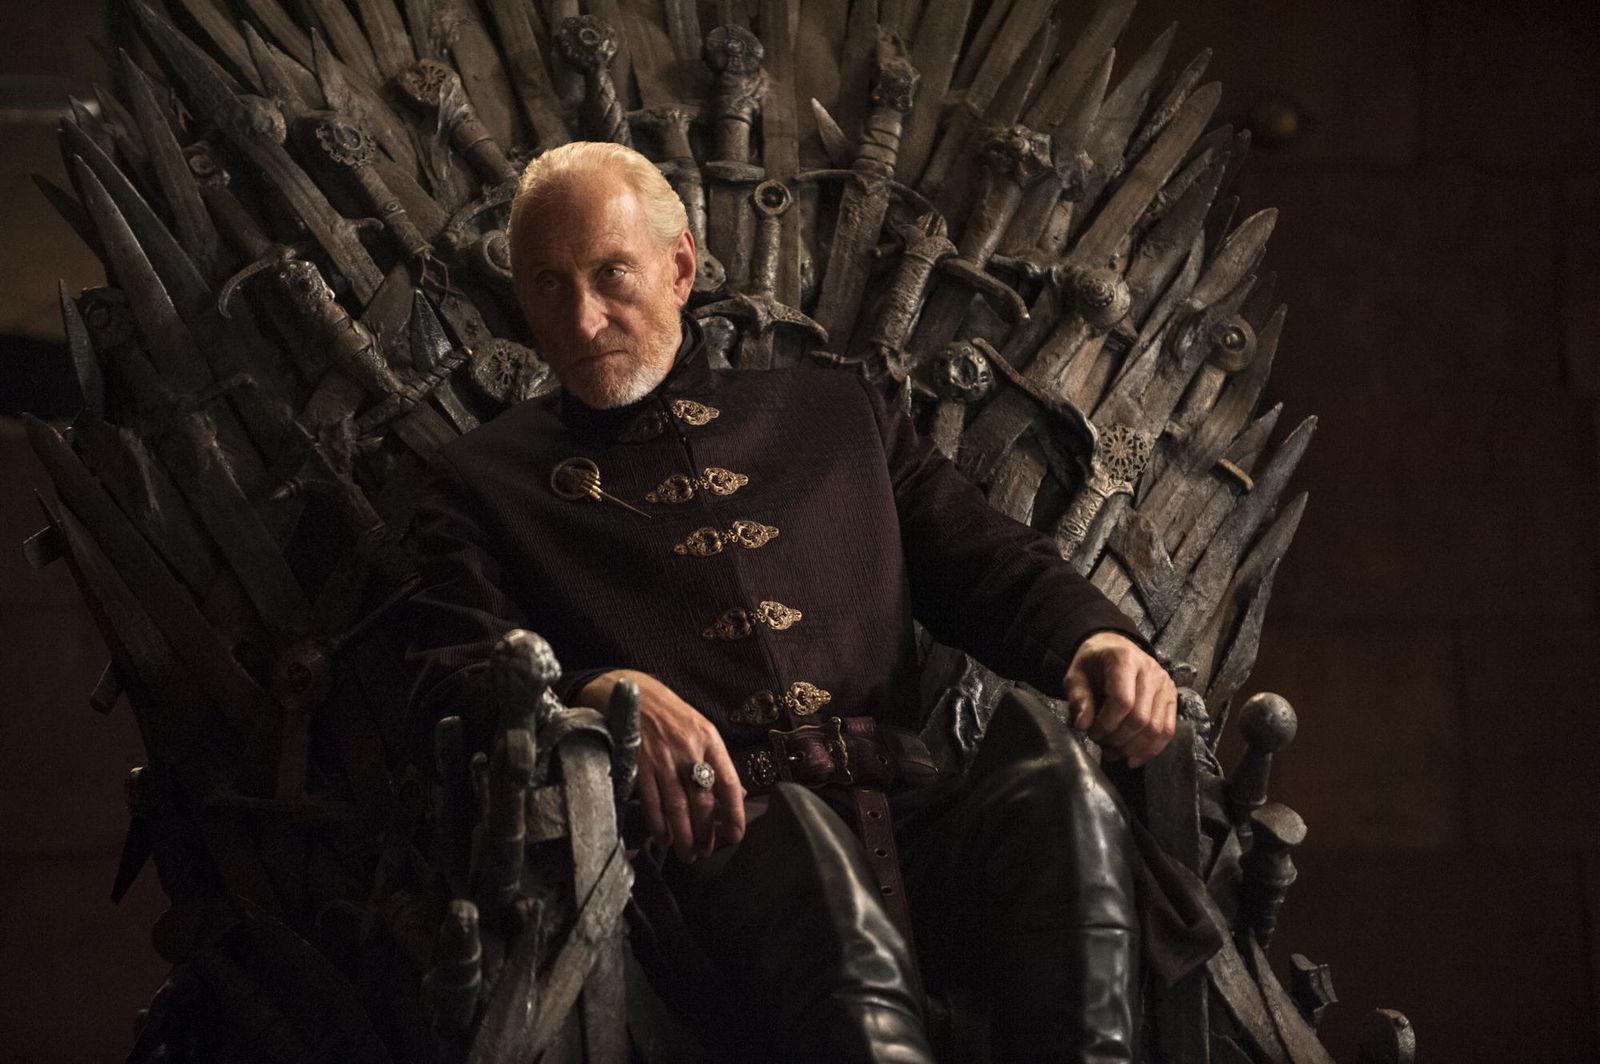 Чарльз Дэнс поддержал фанатов «Игры престолов», которые требуют переснять финал